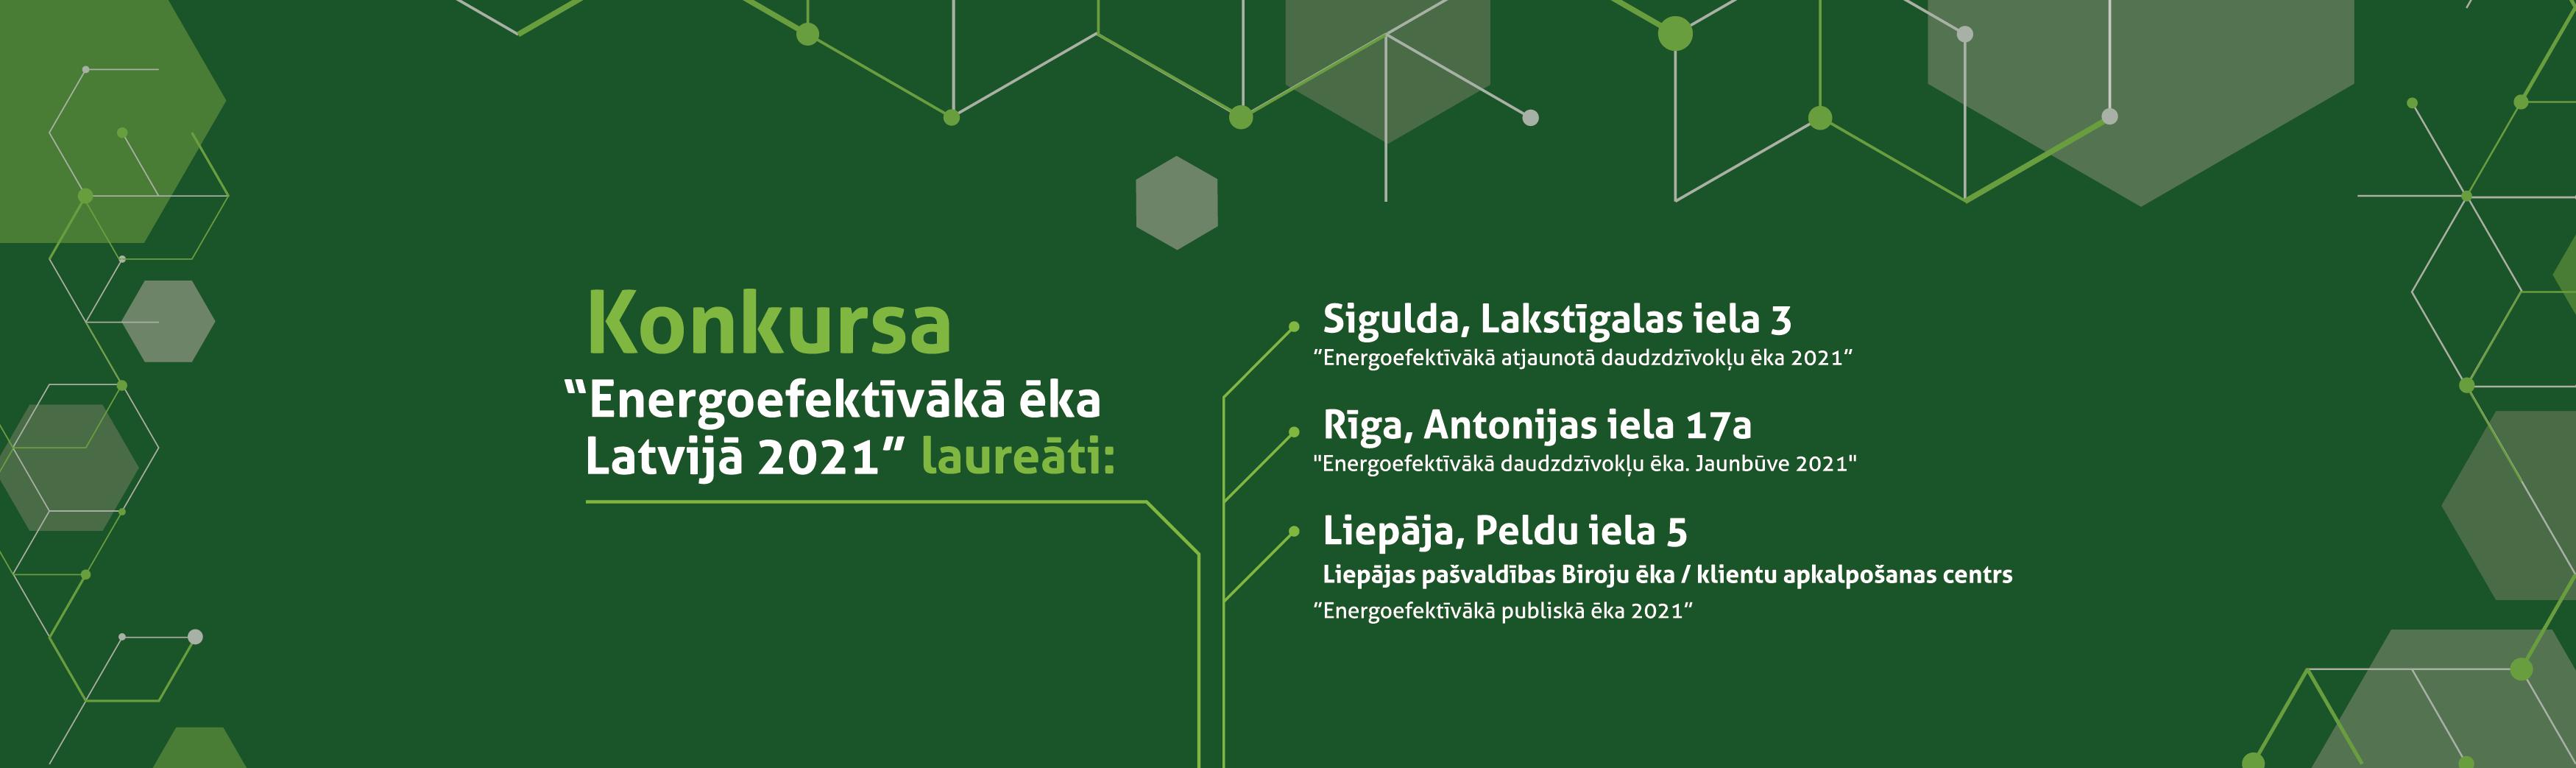 Laureati_majas_lapai-2